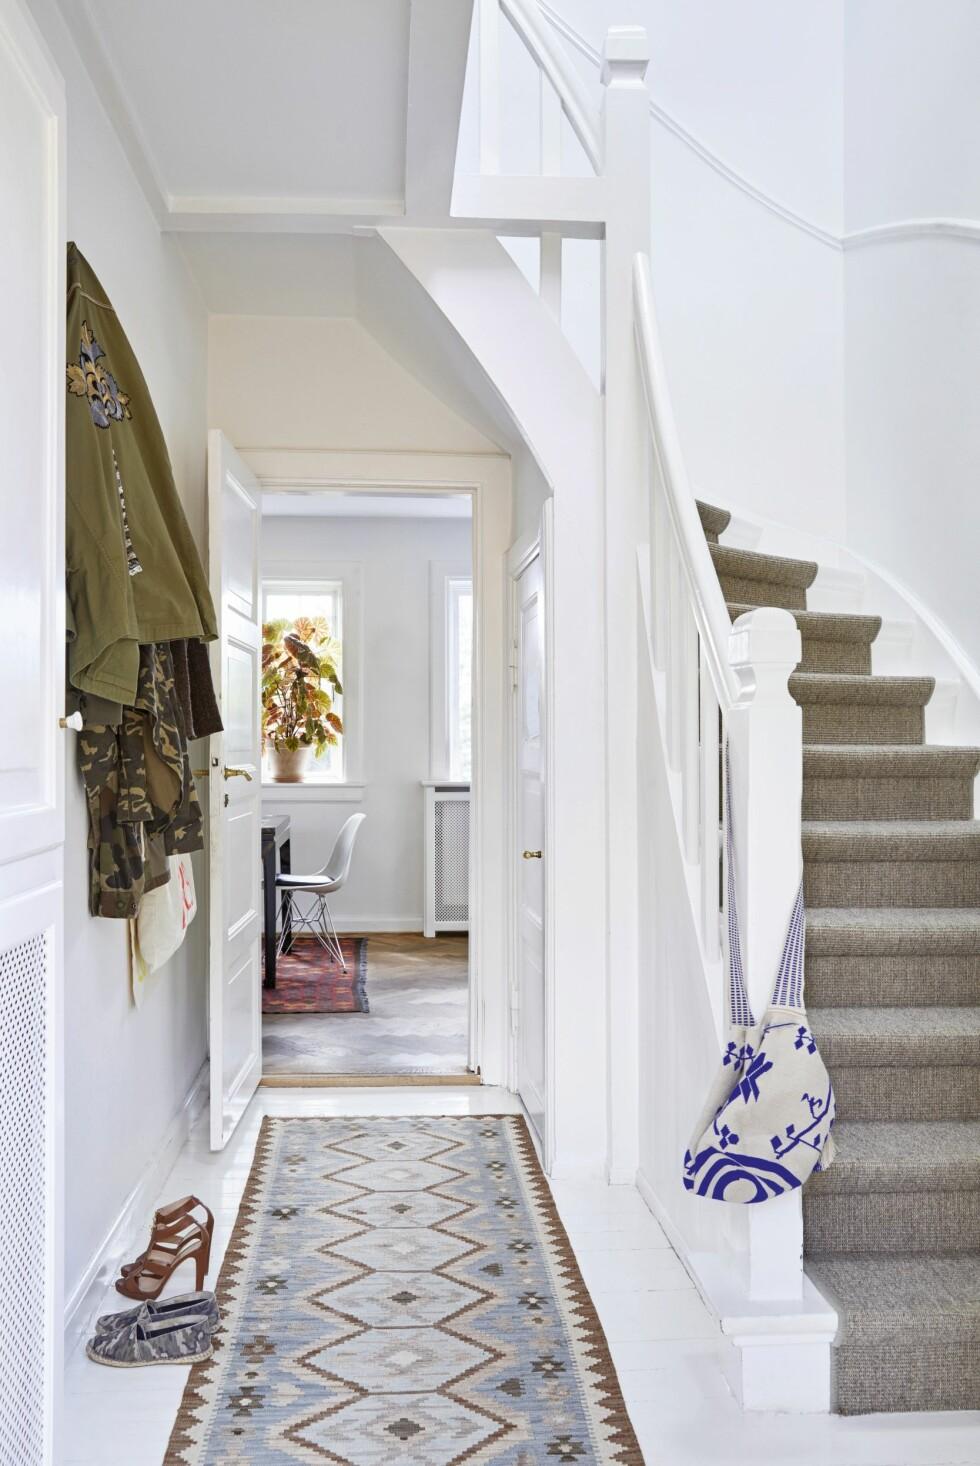 Miks gjerne mønstrete og ensfargete gulvtepper. Så lenge en av fargene fra det ensfargete teppe går igjen på det mønstrete teppet, vil resultatet virke harmonisk, som her i entreen. Her ligger en kokosløper på trappen, mens et kelimteppe pynter opp gulvet.